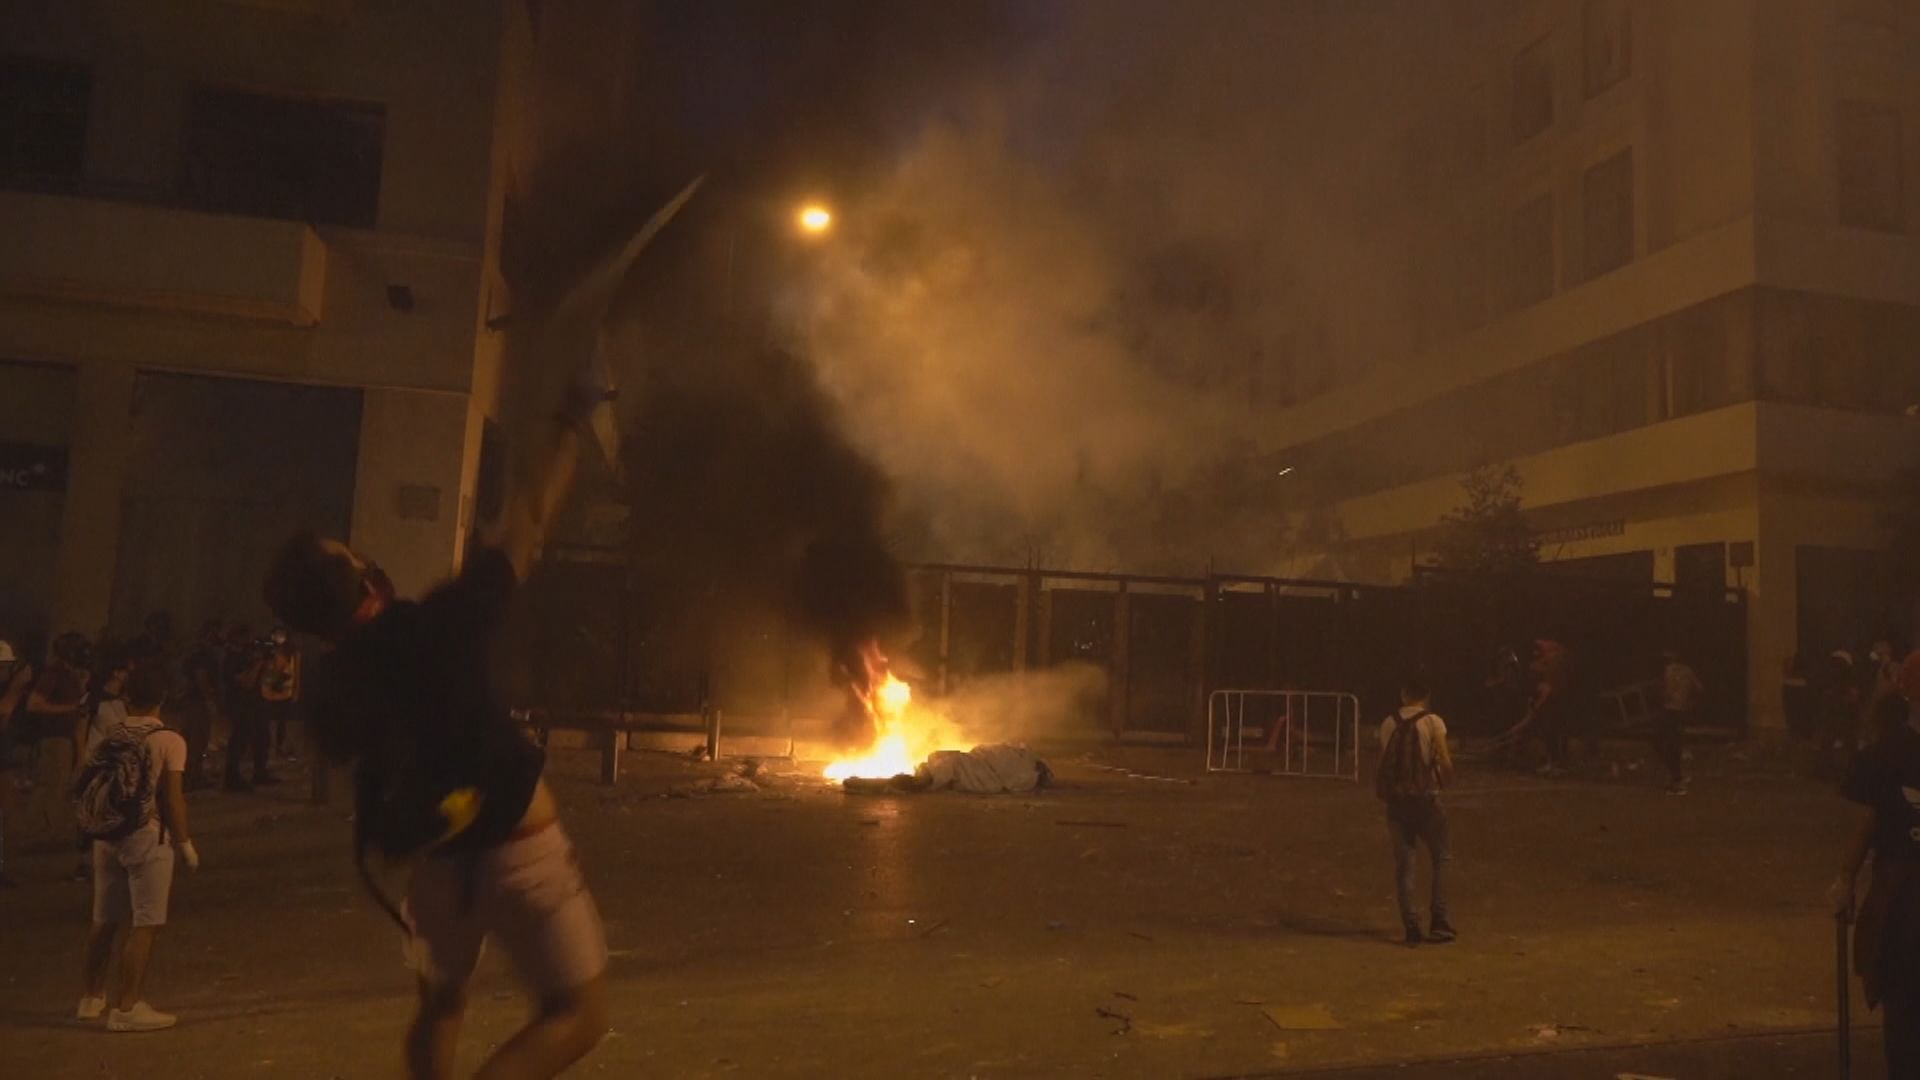 貝魯特大爆炸引發反政府示威持續